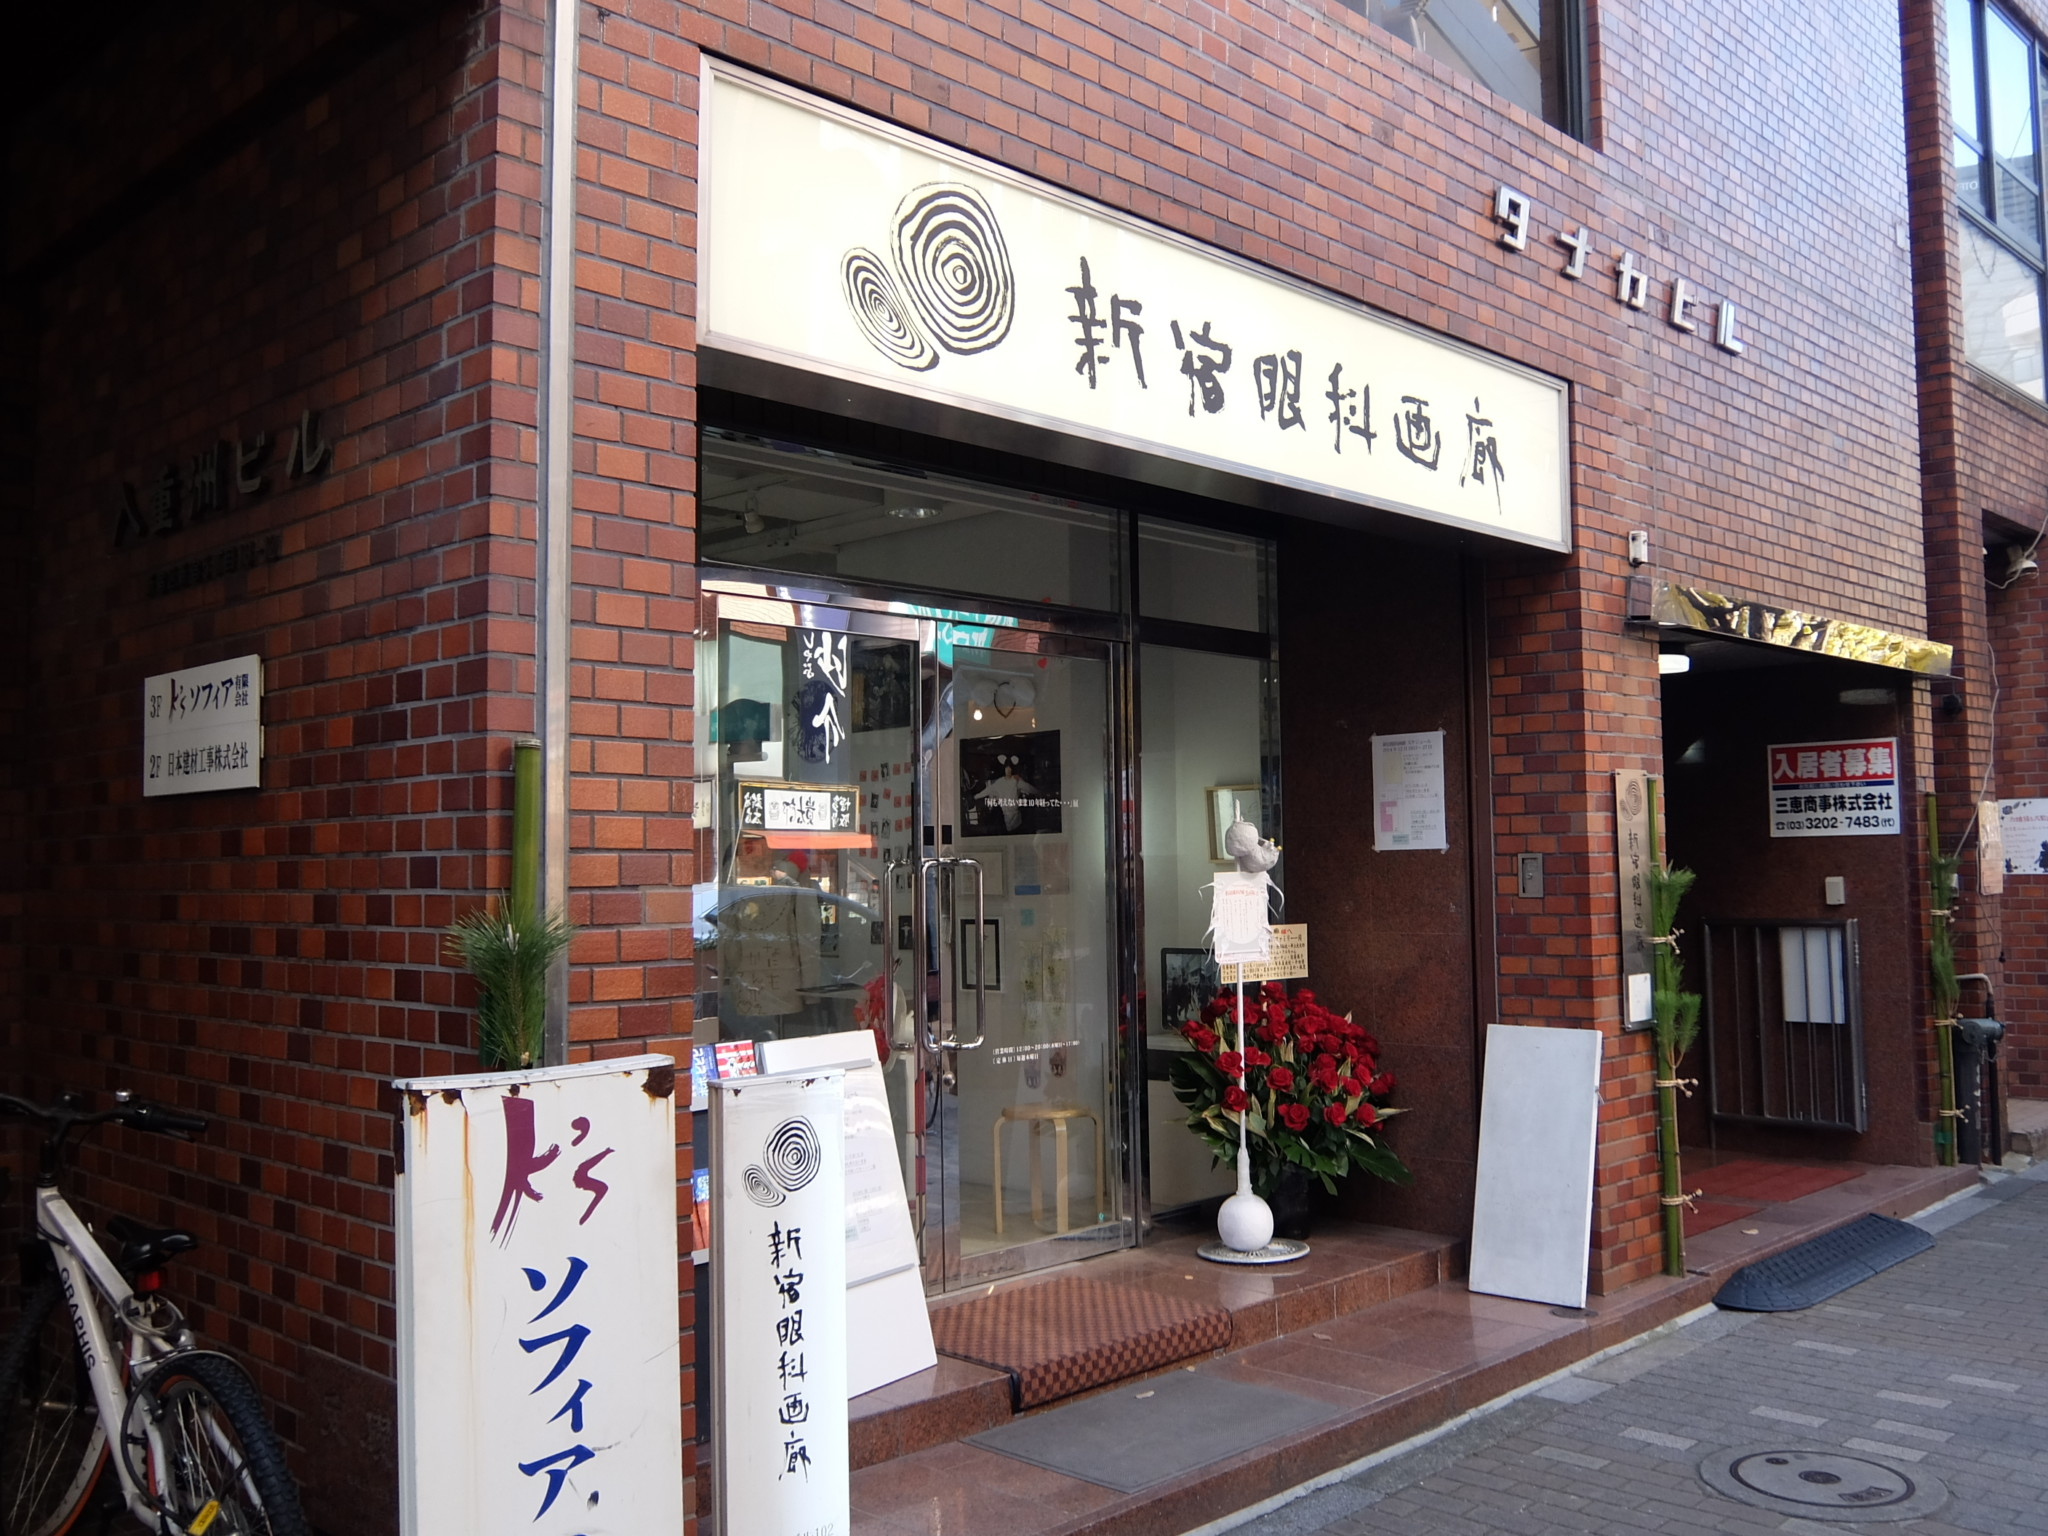 何も考えないまま10年経ってた・・・新宿眼科画廊10周年展